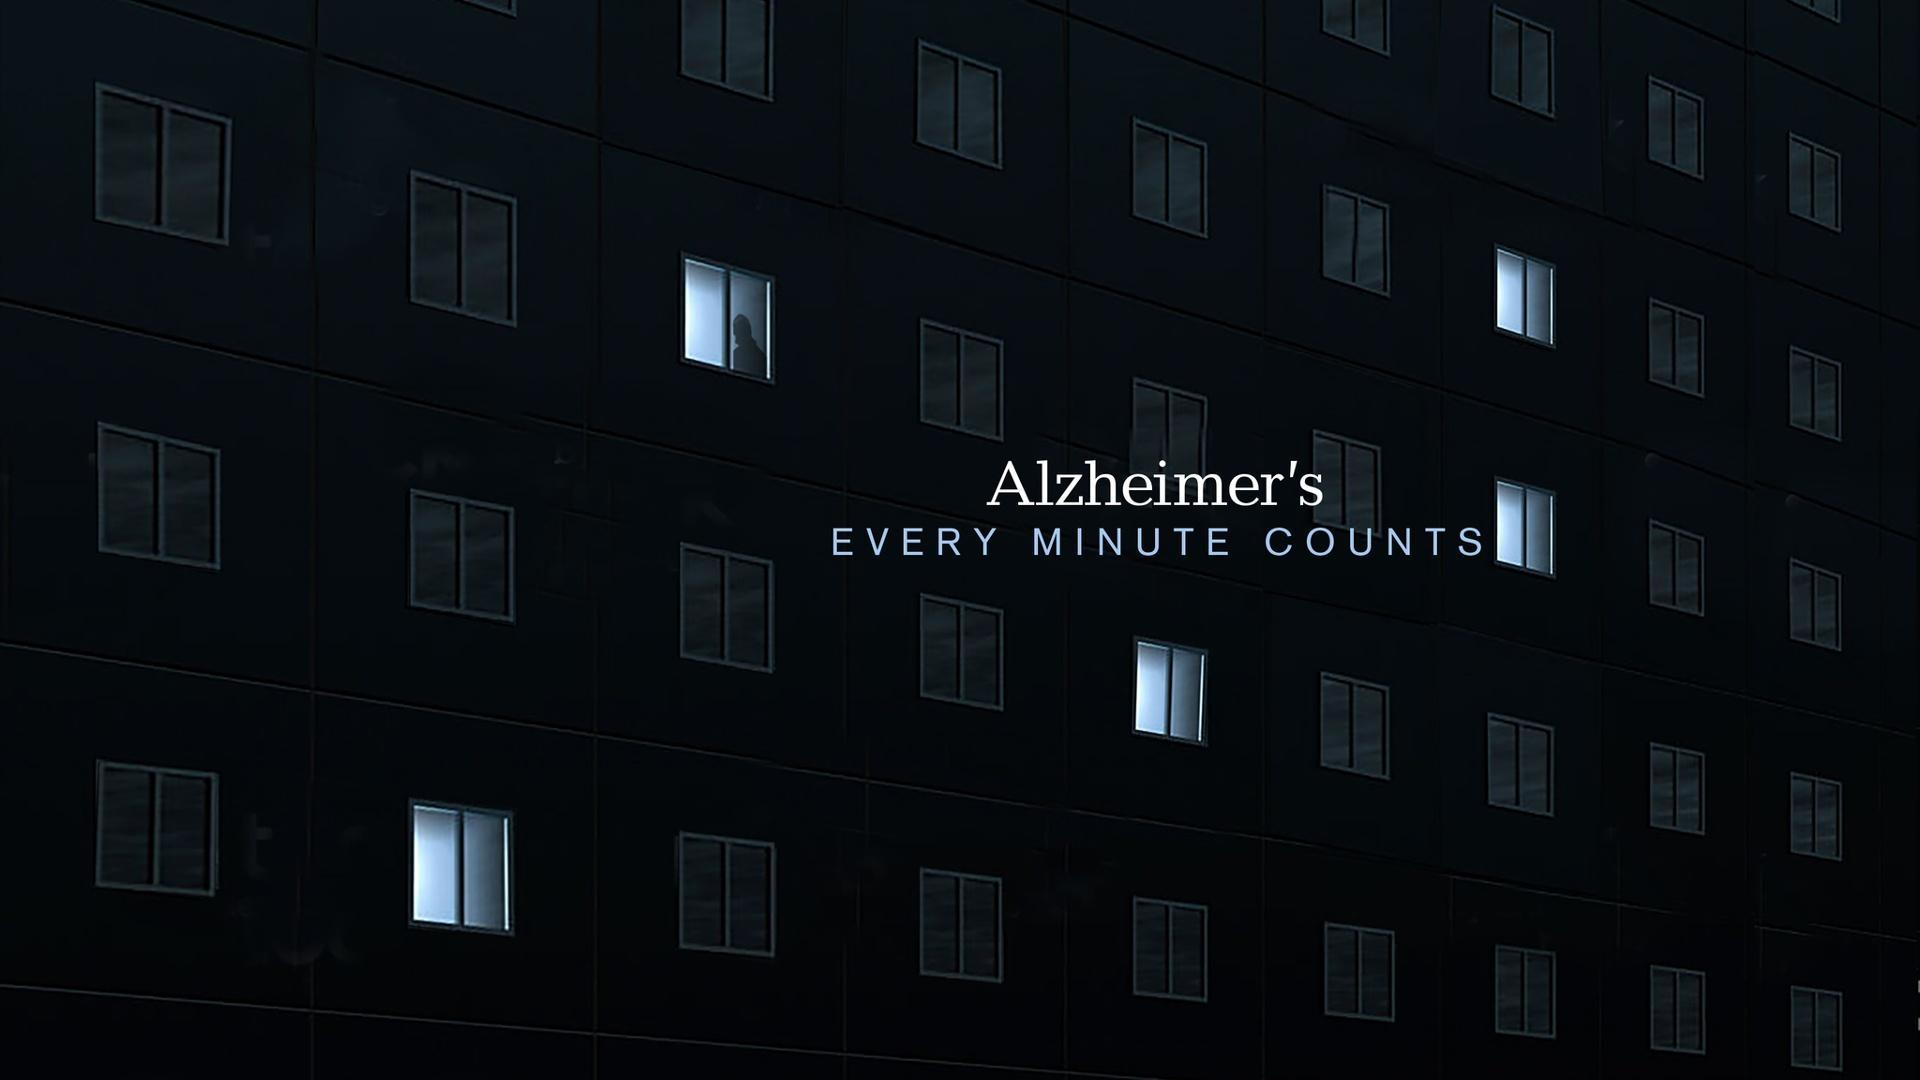 Alzheimer's: Every Minute Counts (en Español)